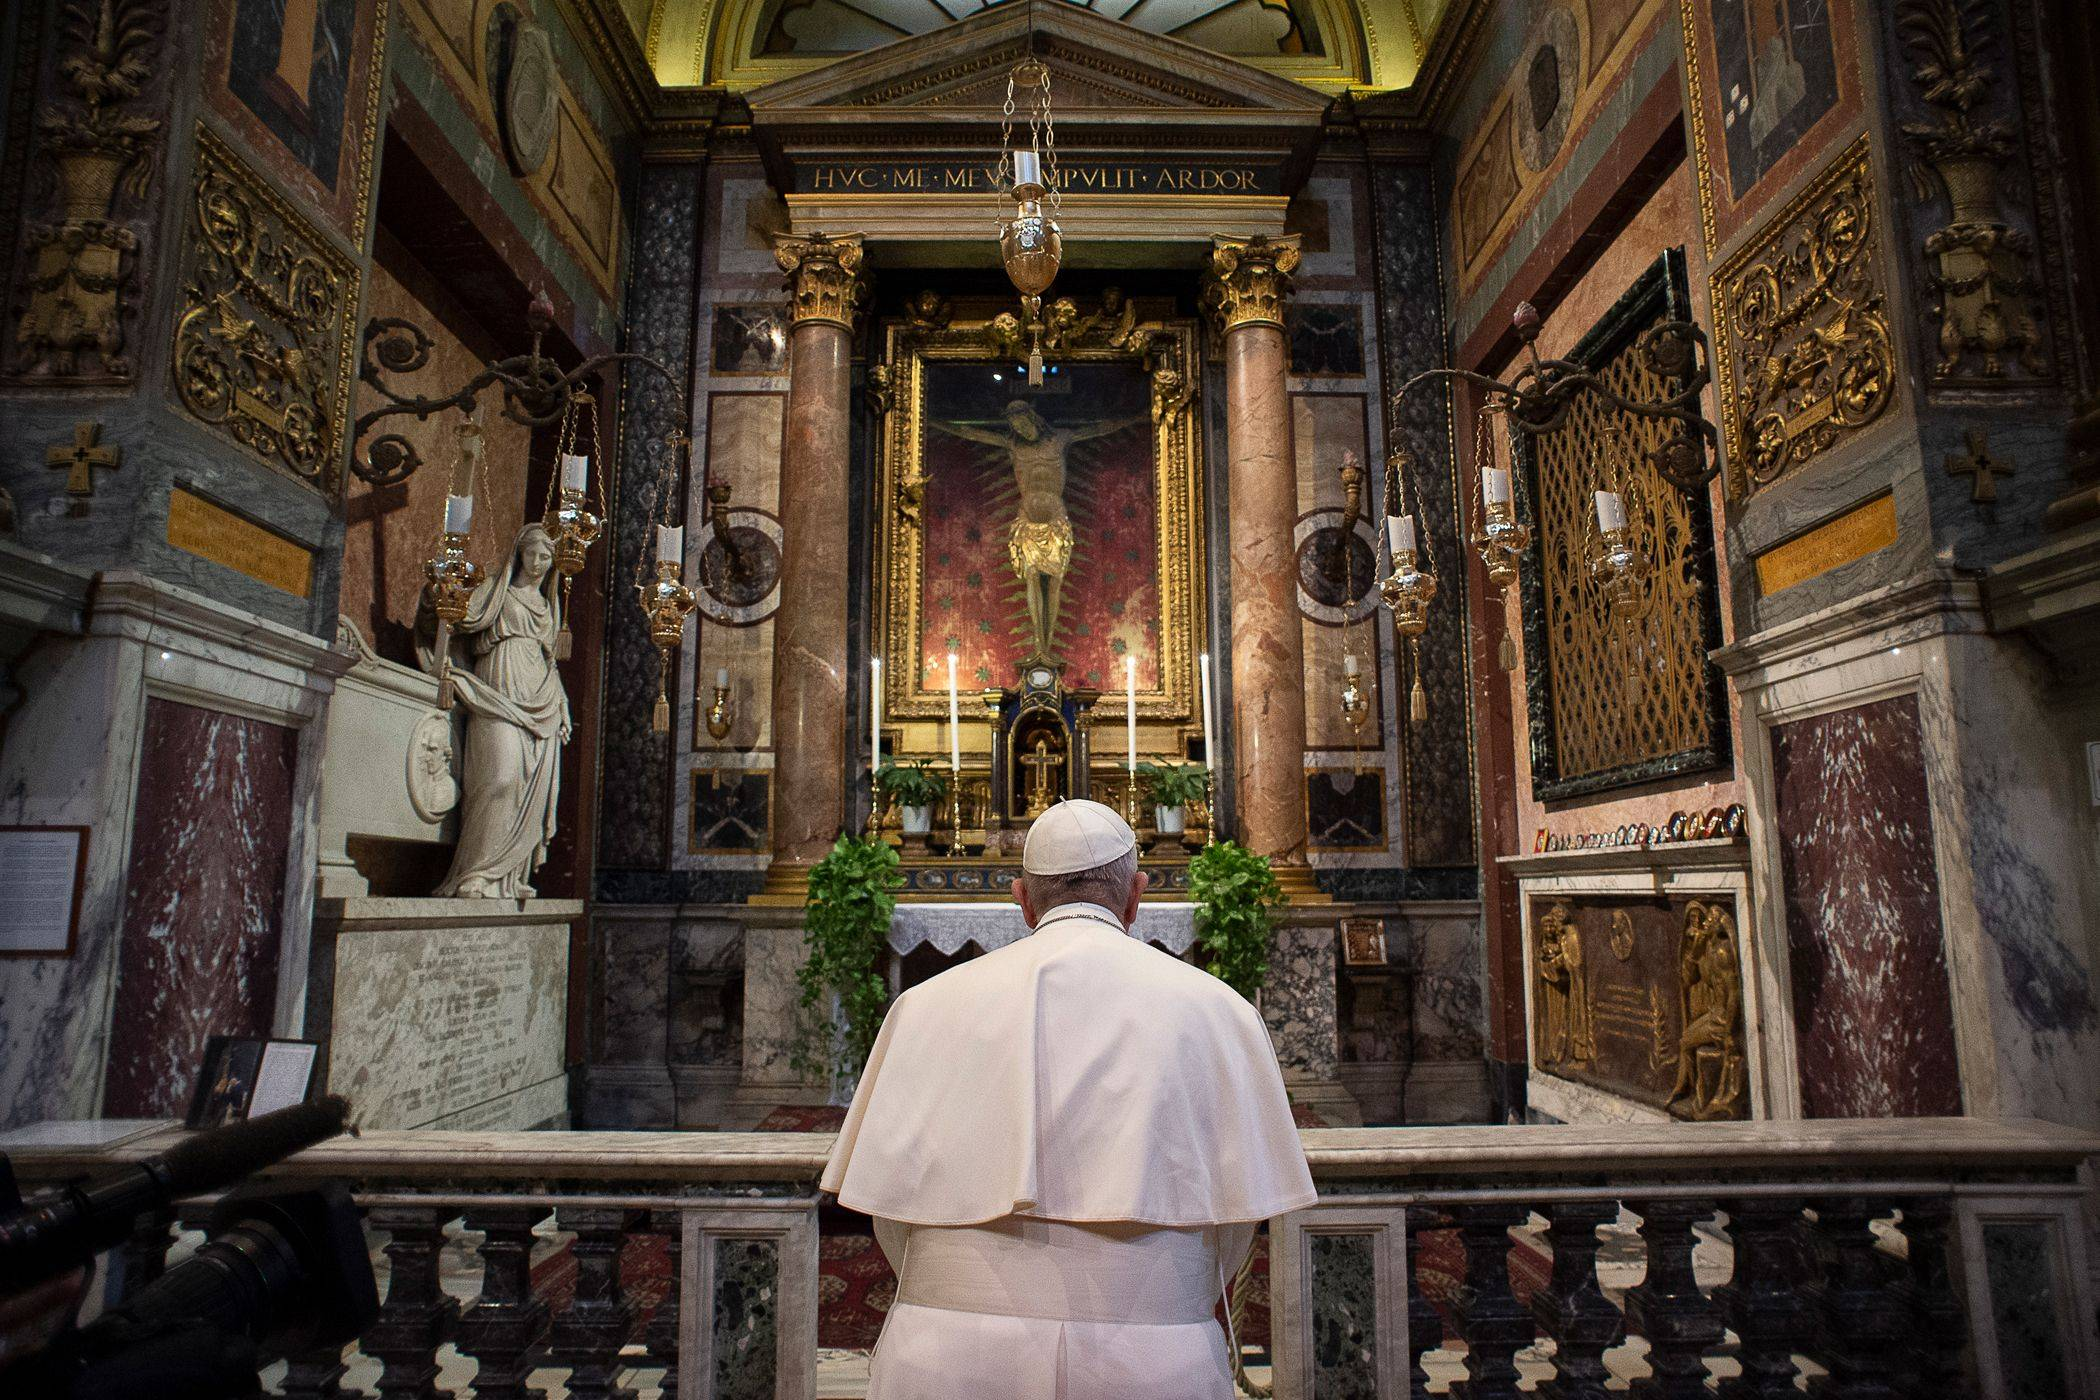 Em 15 de março, o papa Francisco foi a duas igrejas romanas, incluindo a de San Marcello al Corso, onde se venera um crucifixo usado em procissões pelo fim da peste, para rezar pelo fim da pandemia de coronavírus. (Foto: Vatican Media/AFP)